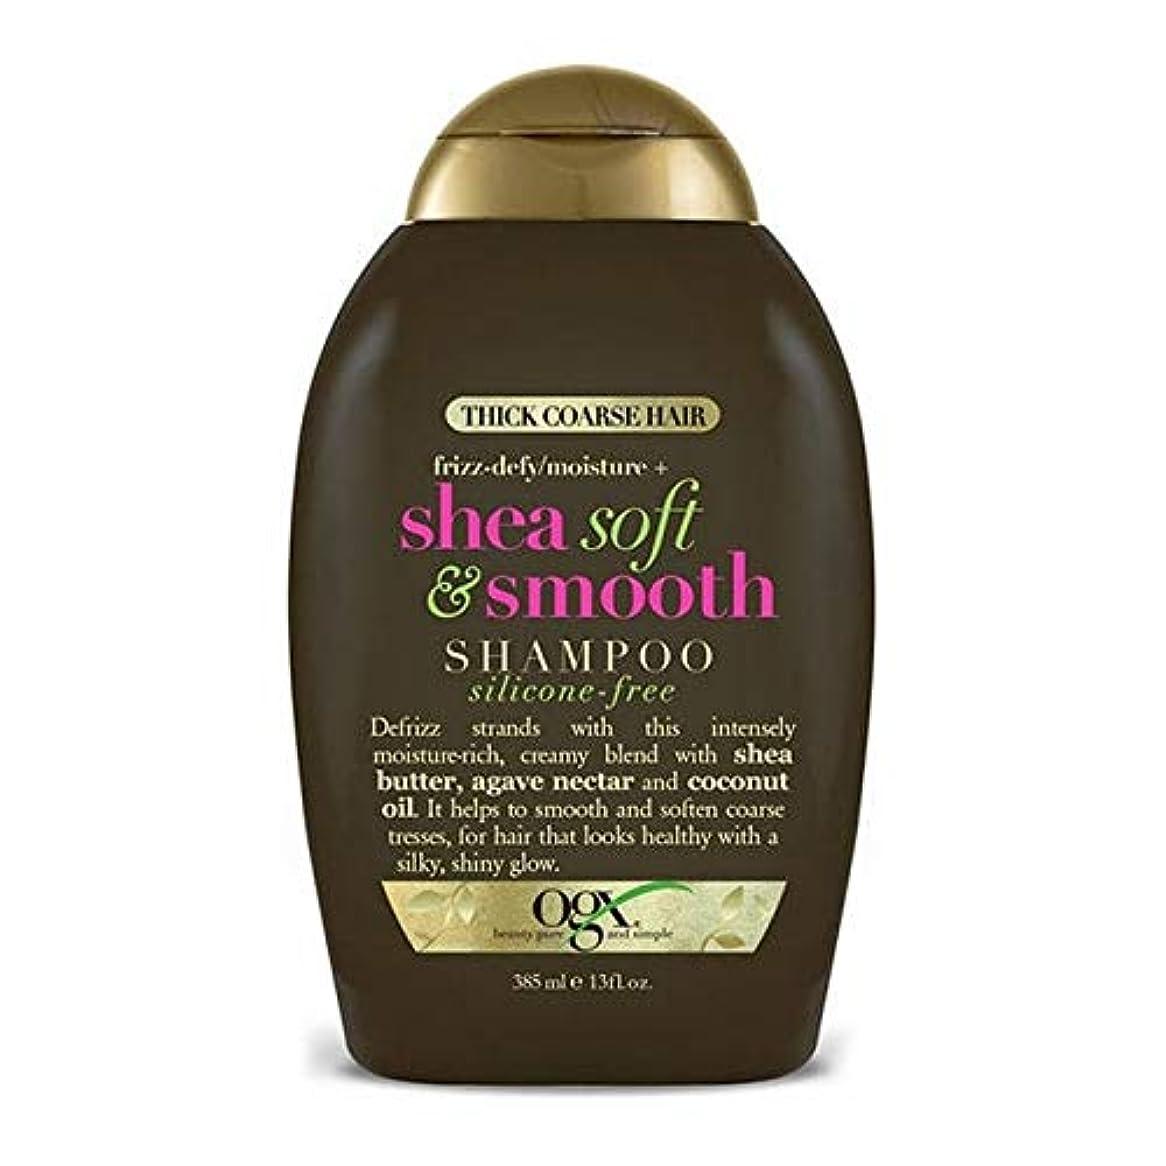 マーチャンダイジング抑制反対した[Ogx] Ogxシリコンフリーシアソフトで滑らかなシャンプー385ミリリットル - OGX Silicone-Free Shea Soft and Smooth Shampoo 385ml [並行輸入品]